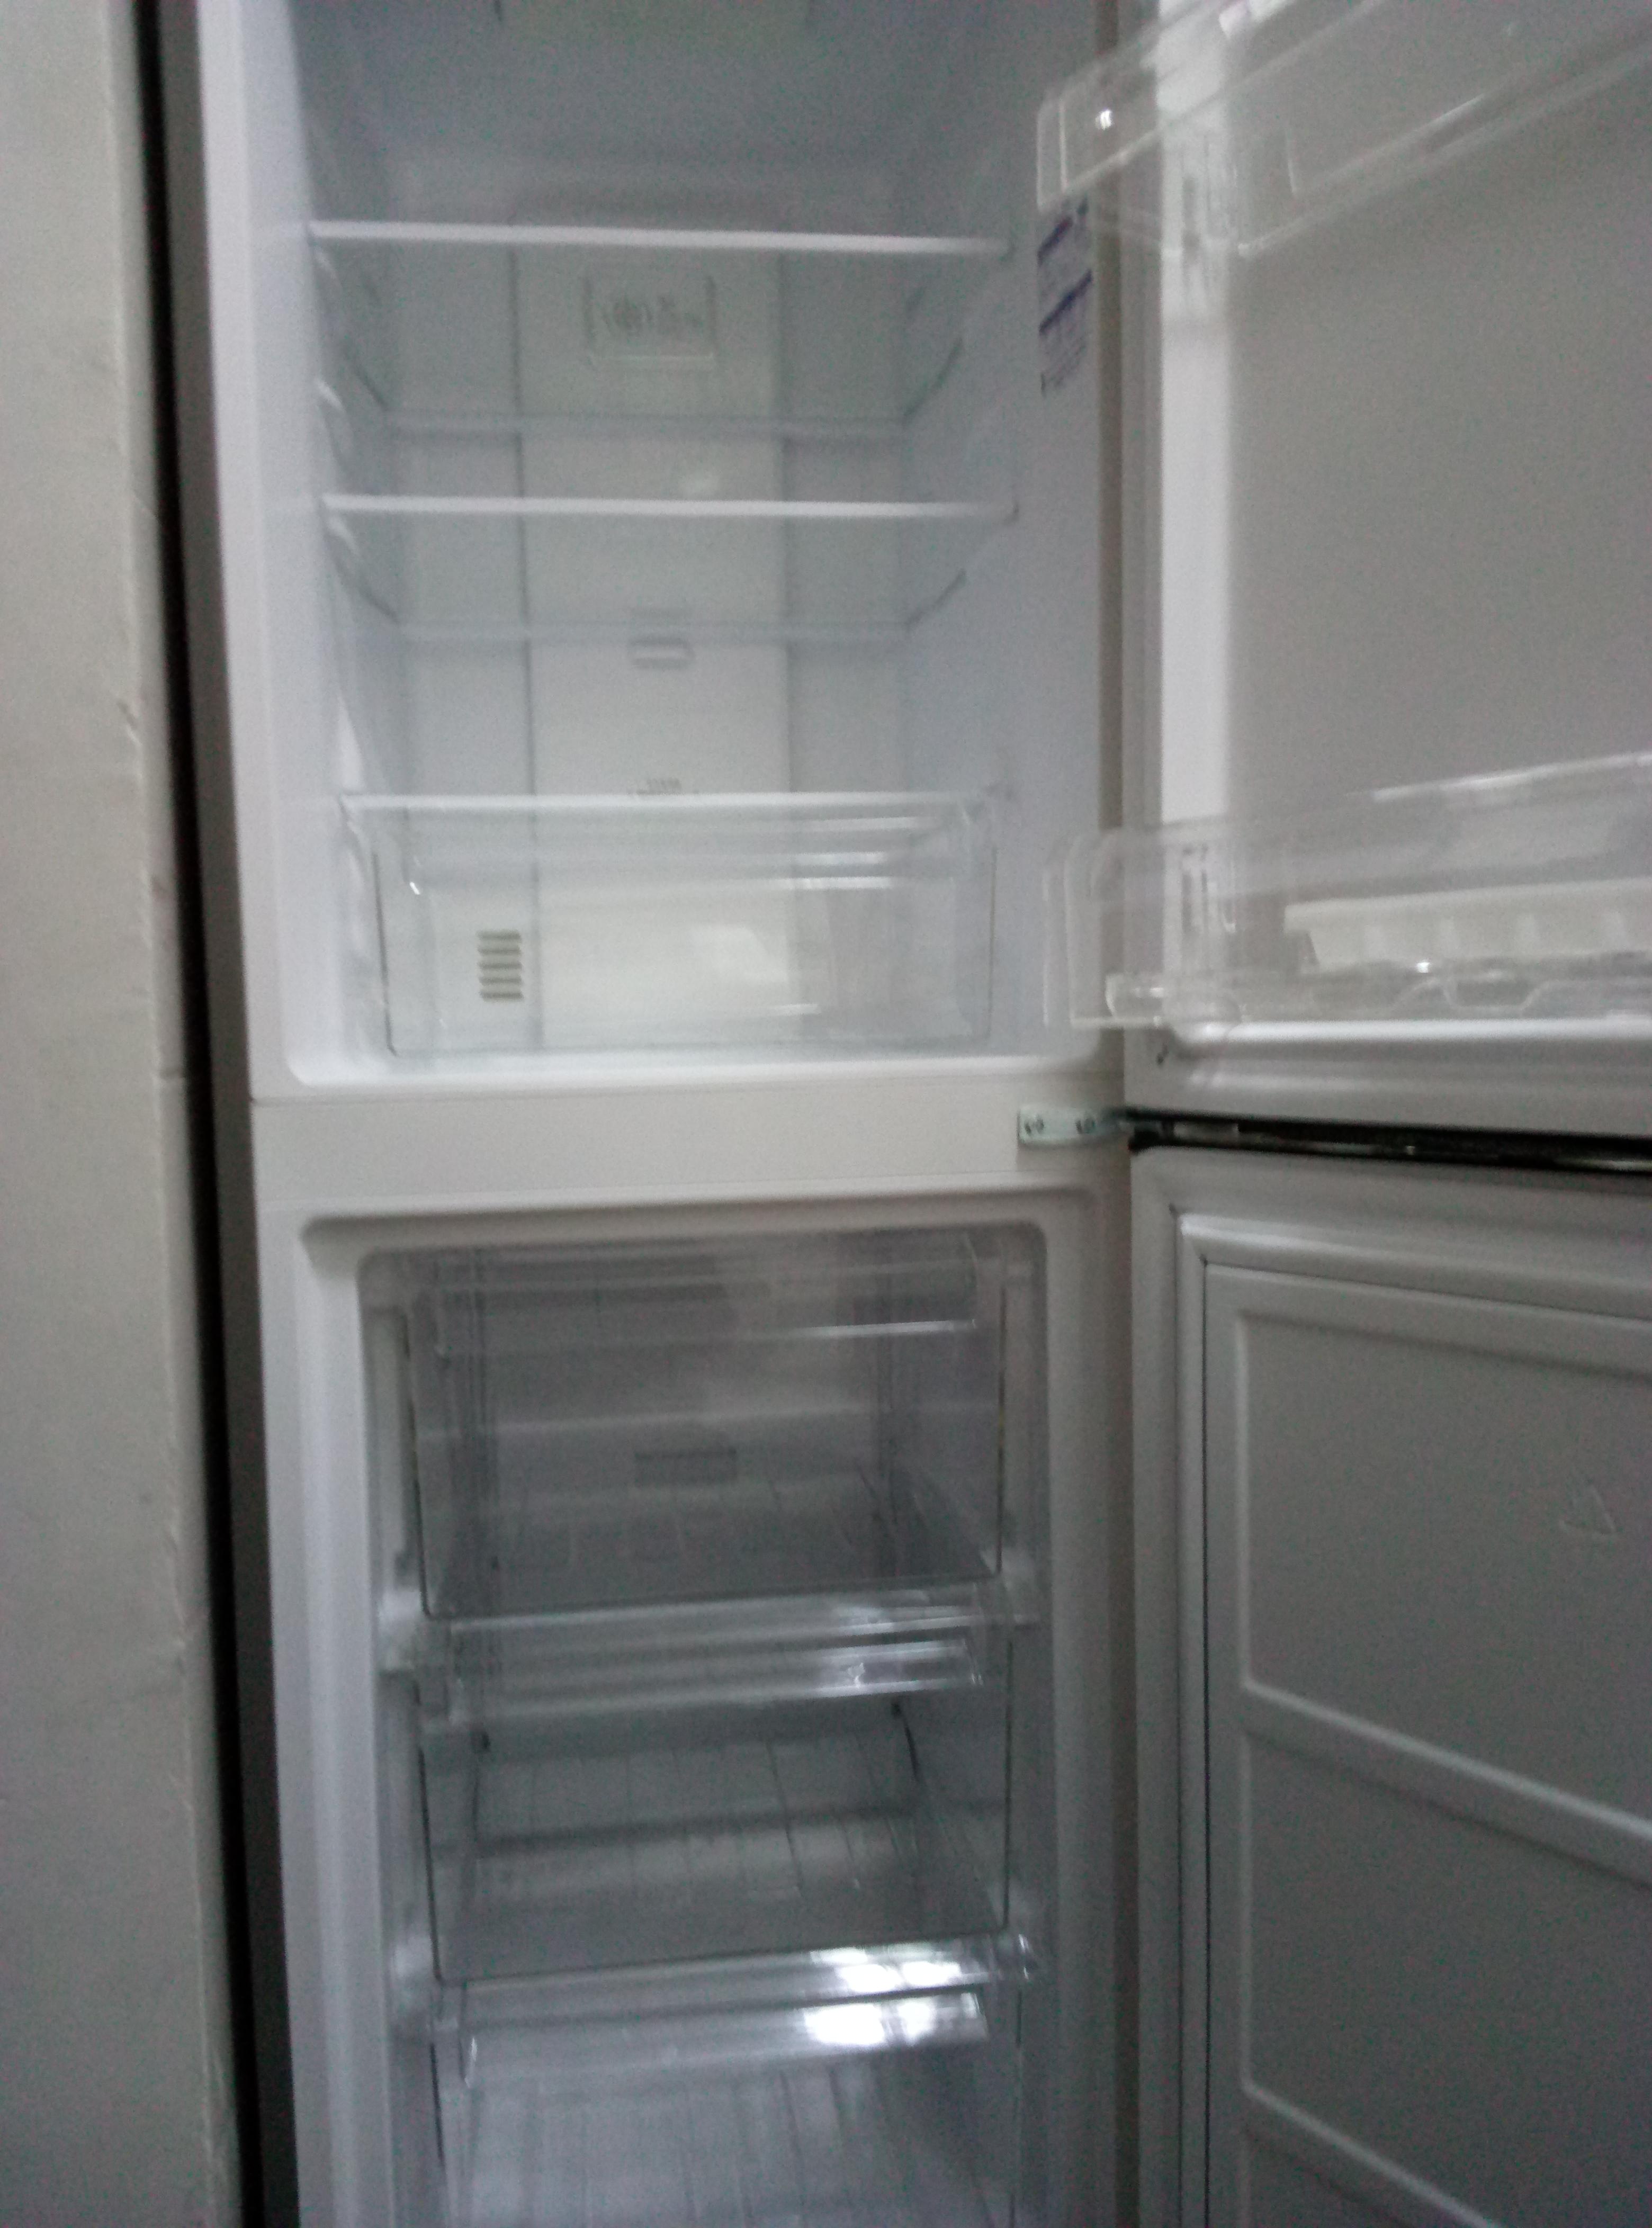 风冷无霜双门冰箱